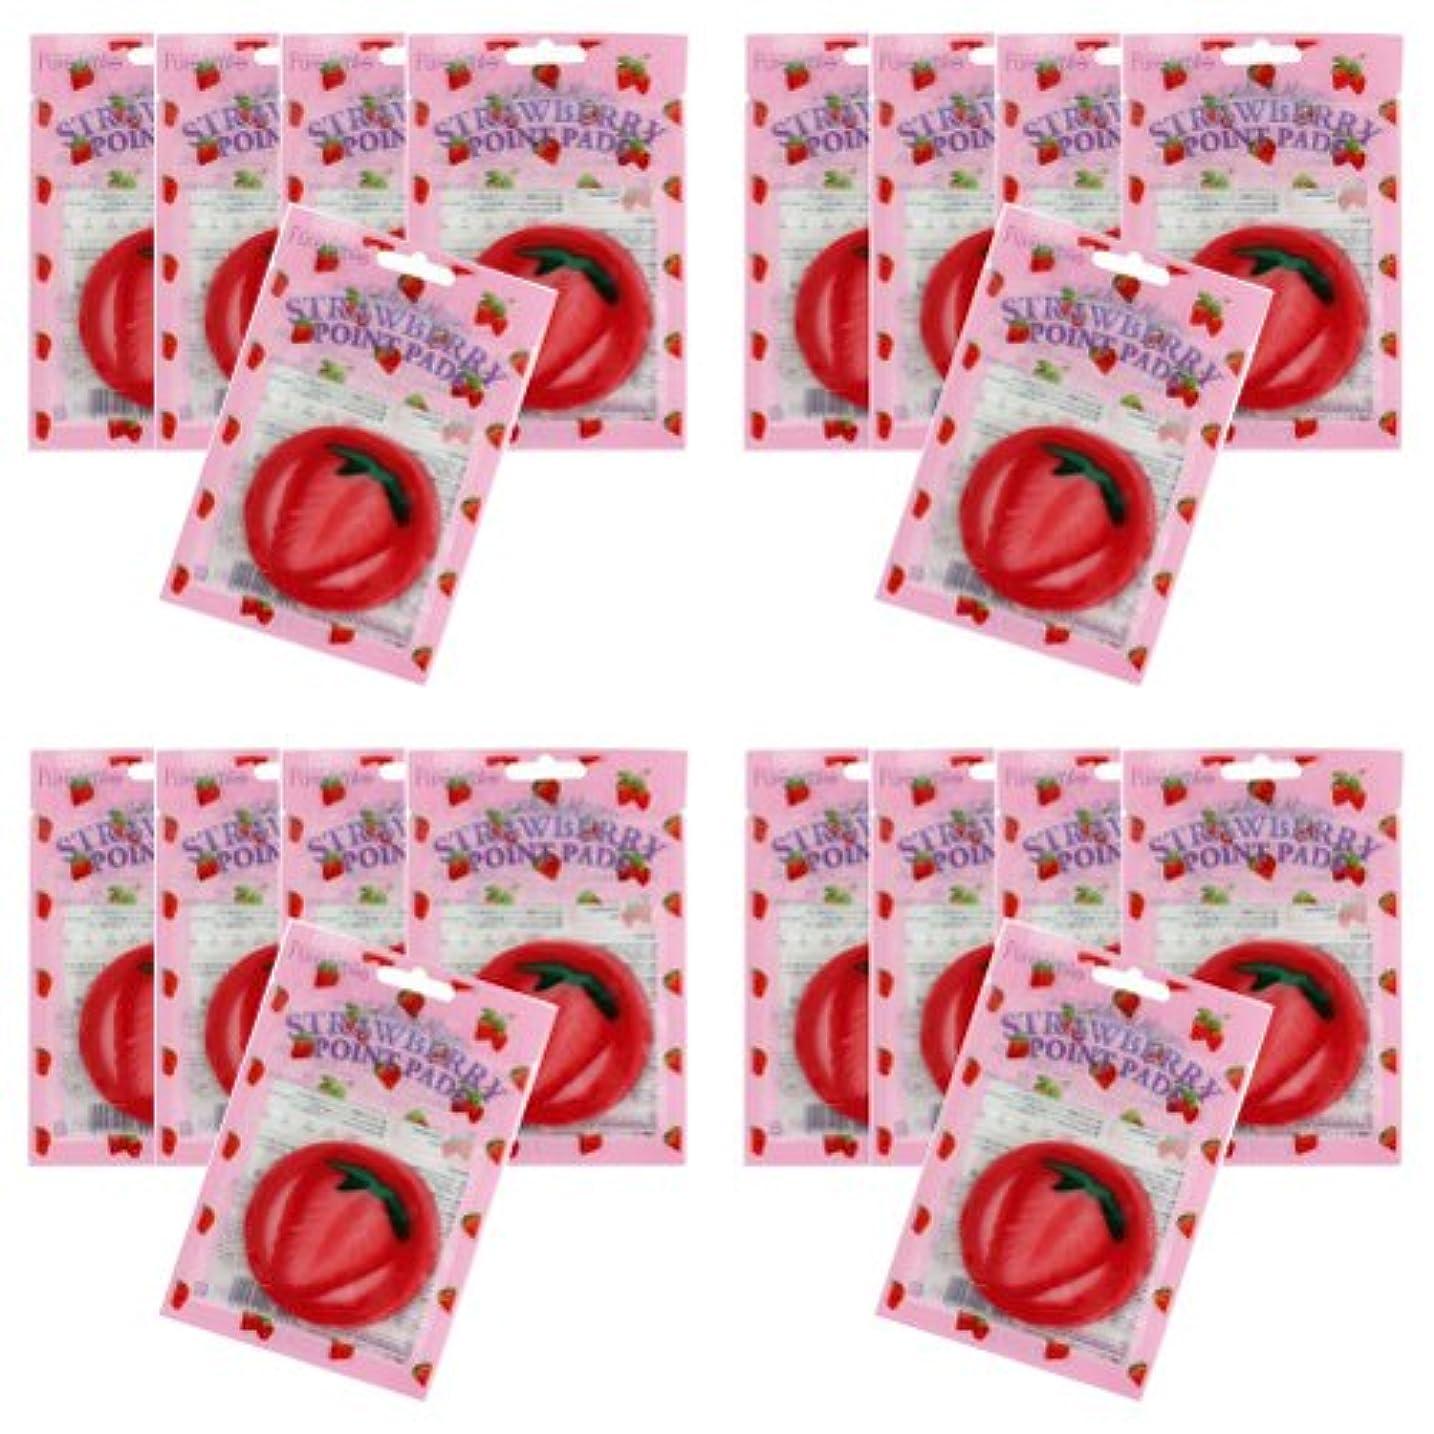 色合い織る同僚ピュアスマイル ジューシーポイントパッド ストロベリー20パックセット(1パック10枚入 合計200枚)